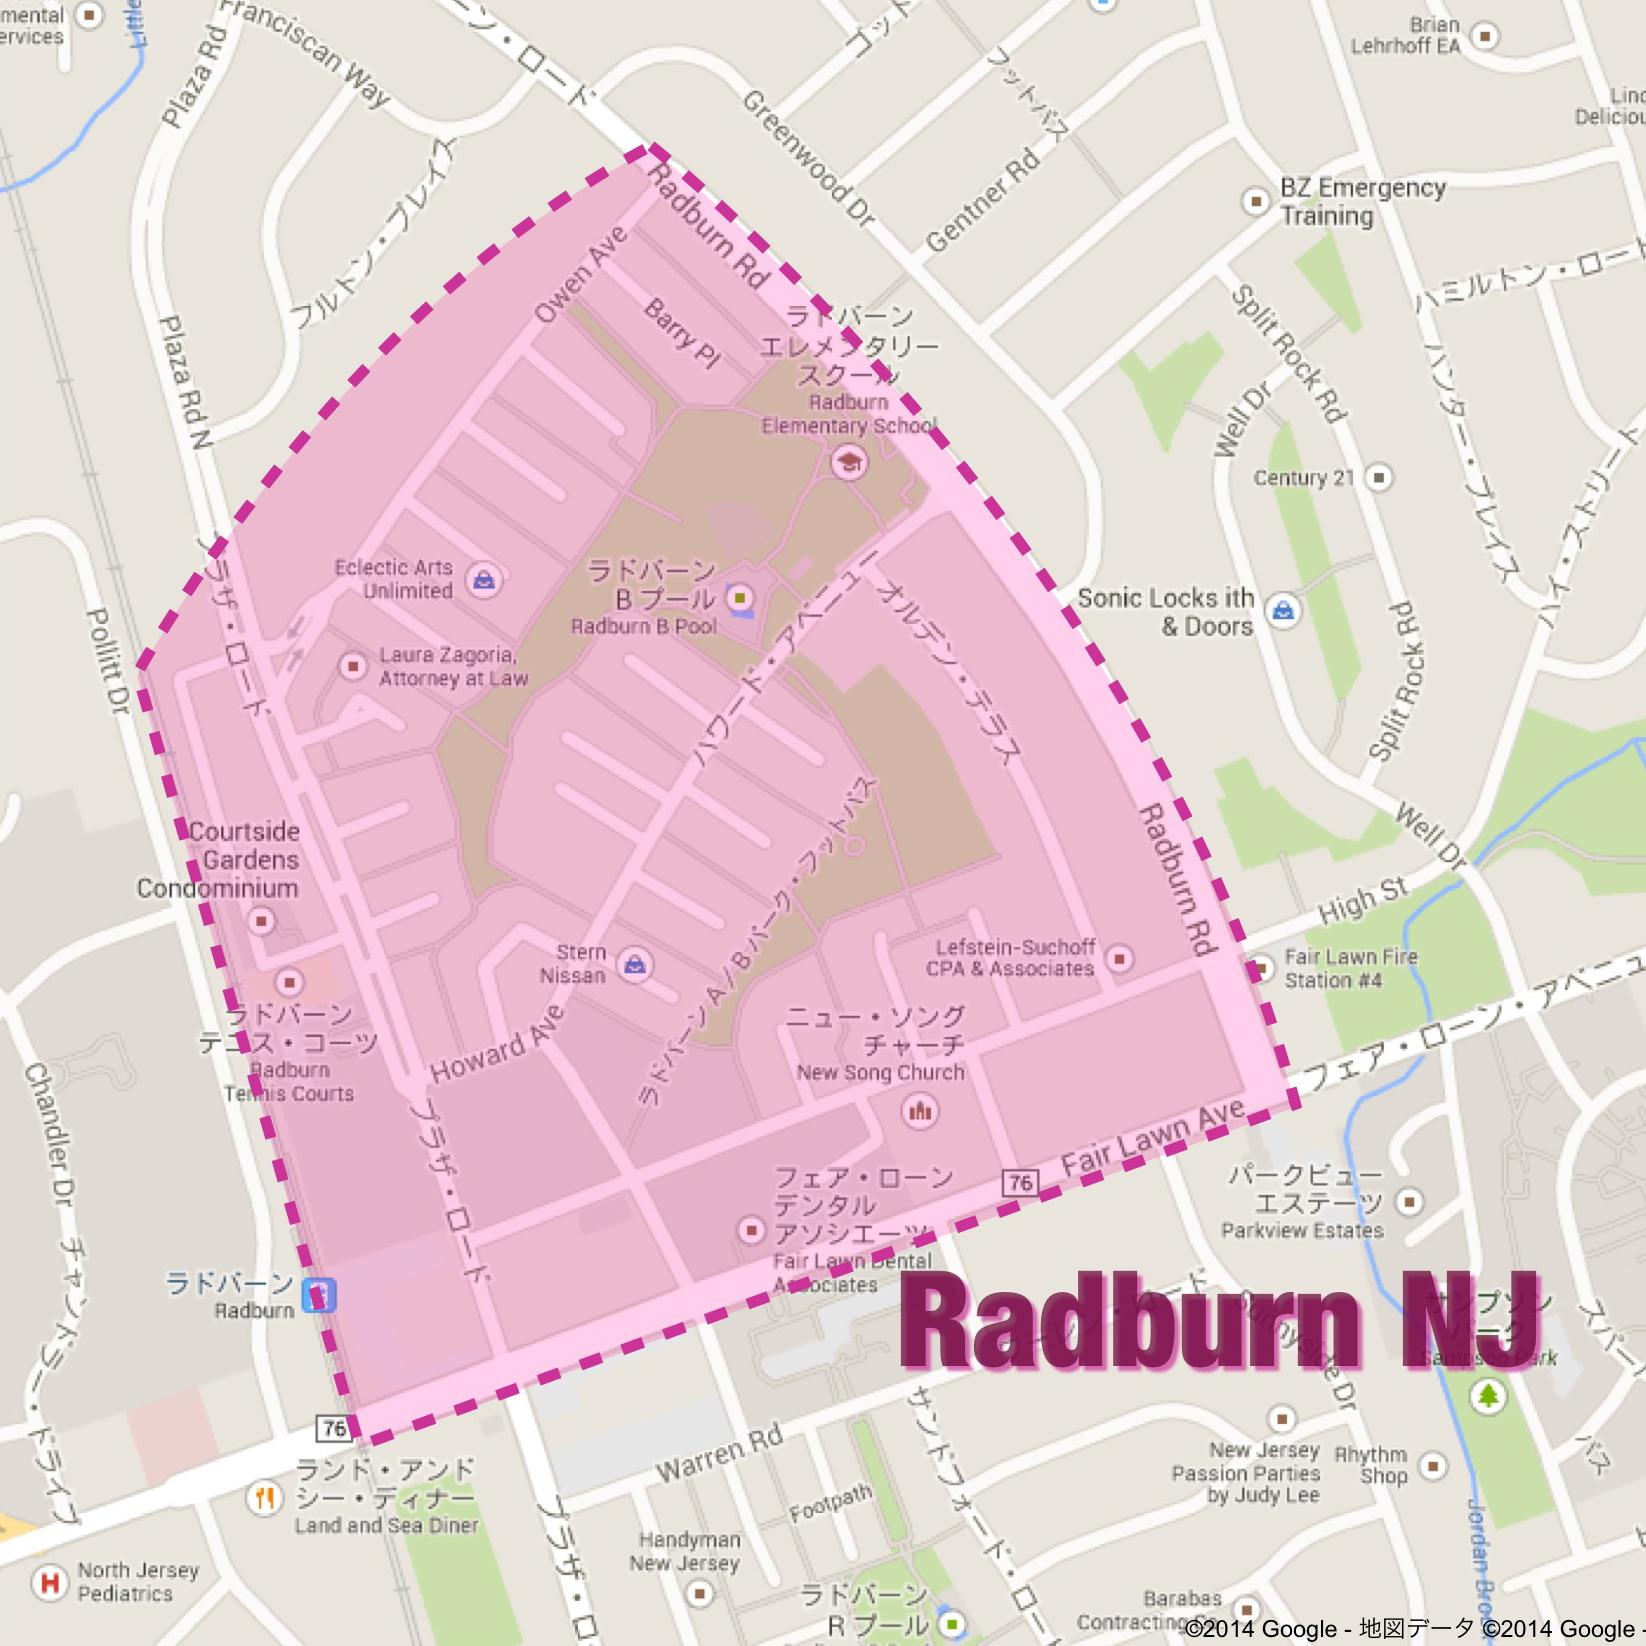 Radburn NJ